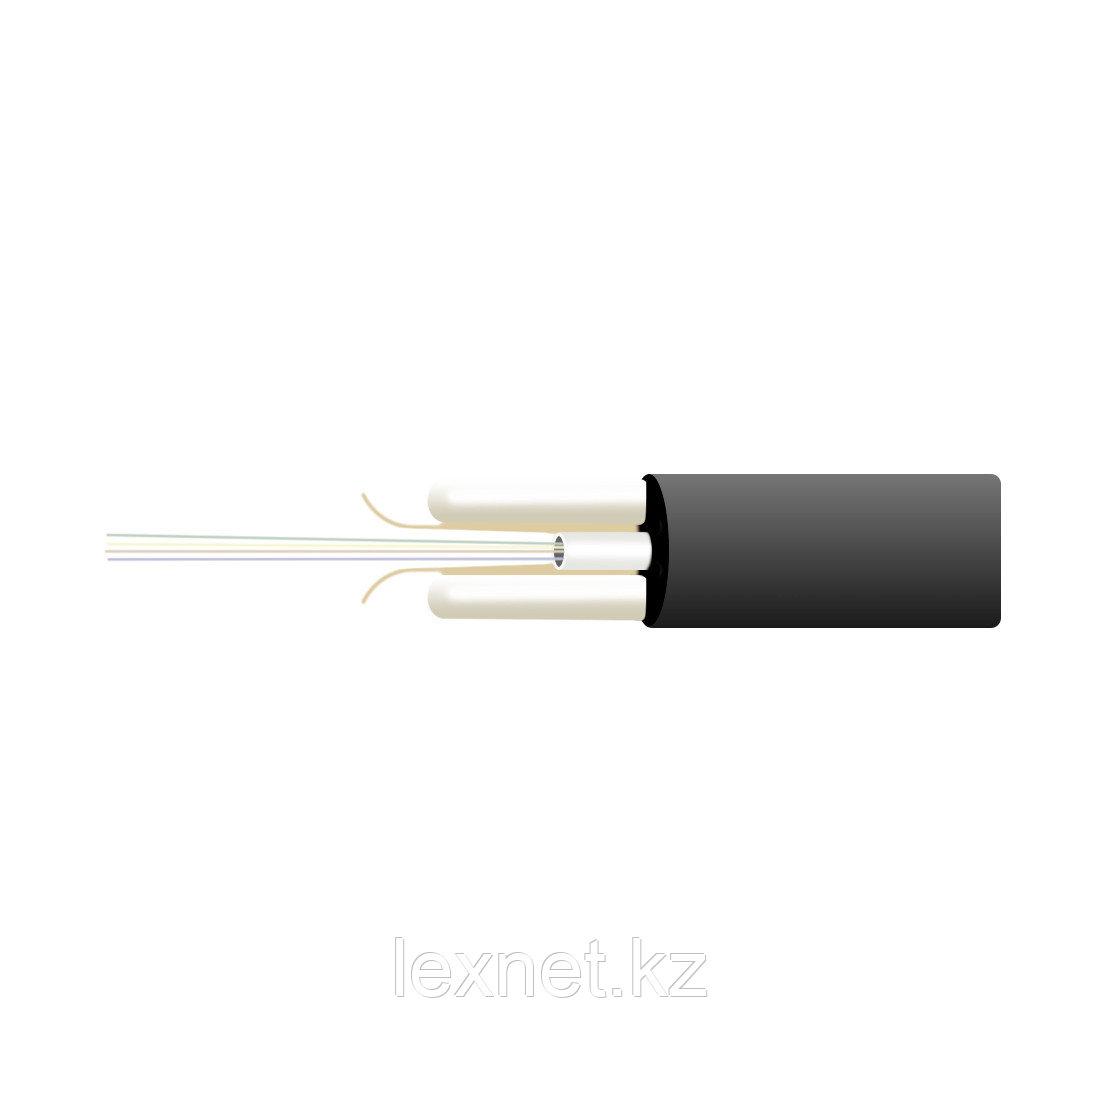 Кабель оптоволоконный ОКПК-0,22-8(G.652D) 1,4кН